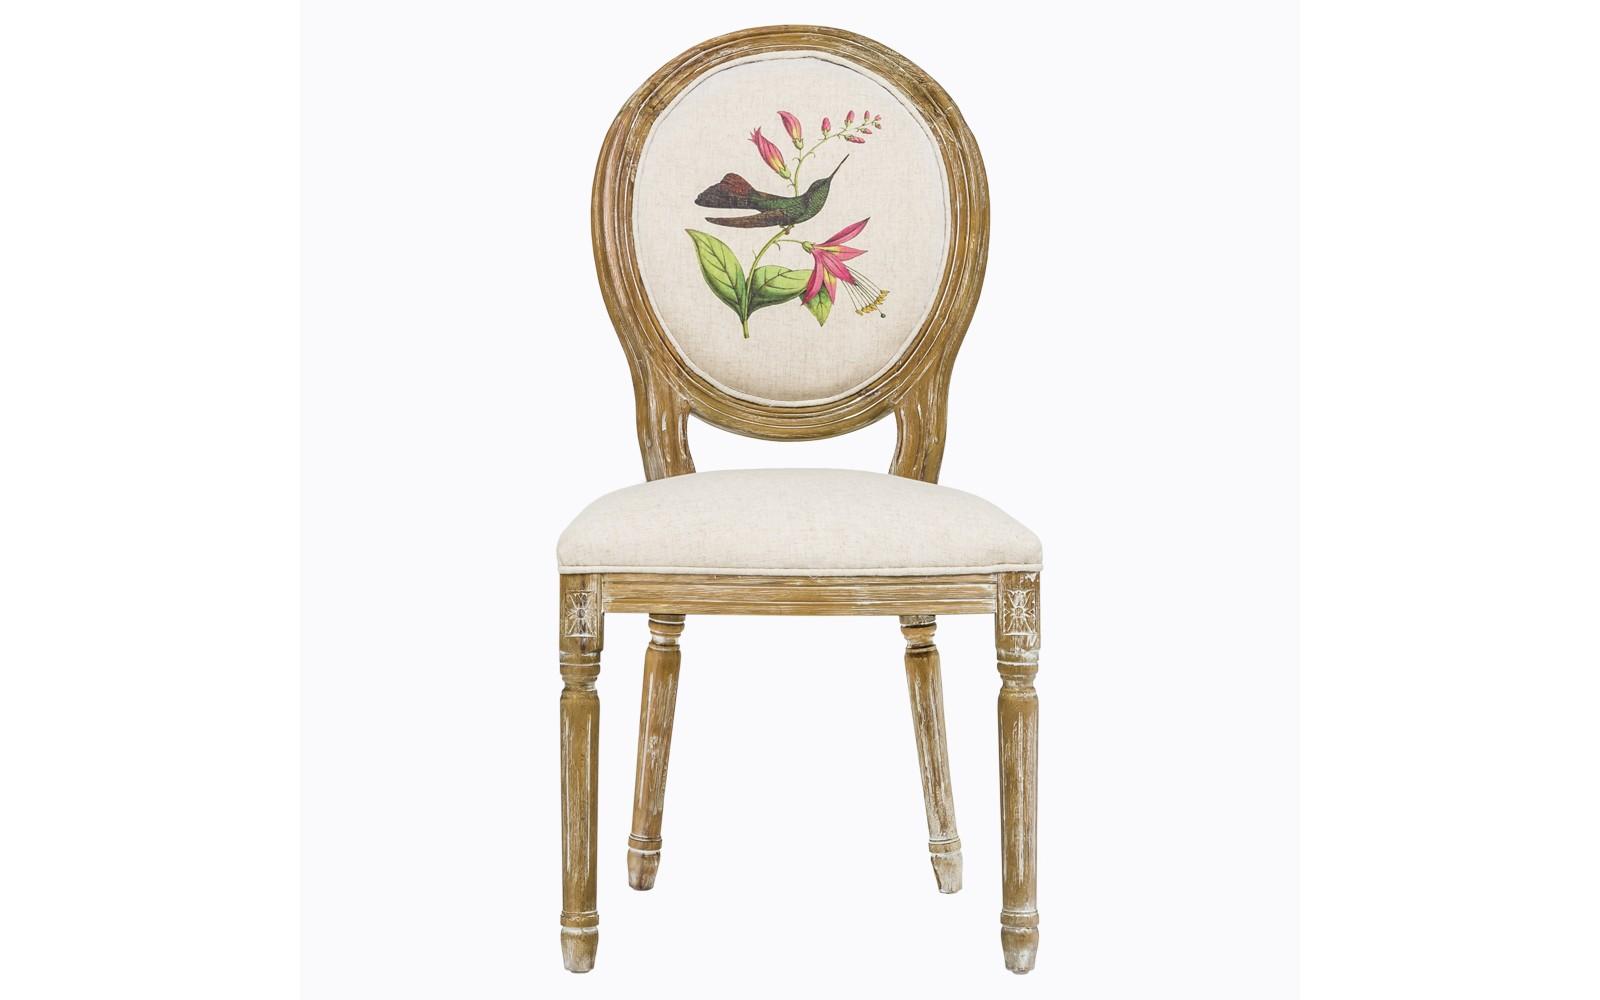 Стул «Птица счастья»Обеденные стулья<br>Мягкий стул &amp;quot;Птица счастья&amp;quot; - счастливая встреча разных столетий французской культуры: рисунок &amp;quot;прованса&amp;quot; уютно вписался в королевские формы эпохи Луи-Филиппа. Классический светло-бежевый цвет - залог гармонии с большинством предметов мебели и декора. Любое помещение, наряженное светлой мебелью, обретает имидж чистоты, простора и парадности.  <br>Корпус стула изготовлен из натурального бука. Среди европейских пород дерева бук считается самым прочным и долговечным материалом.  В дизайне стула&amp;quot;Птица счастья&amp;quot; резьба играет ведущую роль: стул украшен вычурными желобками и цветочными узорами, выточенными с ювелирной меткостью.  <br>Натуральные материалы и светлые тона вселяют атмосферу тепла, спокойствия и уюта. <br>Винтажный мотив, исполненный новейшими технологиями, обещают совместимость этой модели с большинством классических и современных жанров. Особый комплимент - почитателям французского &amp;quot;прованса&amp;quot; и салонного &amp;quot;ар-деко&amp;quot;. <br>Классический светло-бежевый цвет - залог соседства с большинством предметов мебели и декора. Любое помещение, наряженное светлой мебелью, обретает имидж чистоты, простора и парадности.  <br>Стул  с овальными спинками - закон симметричной гармонии окружающего пространства. Овальная форма идеально рифмуются в интерьере с зеркалами и картинами. <br>Светлые тона и обволакивающая мягкость вселяют восторг невесомости и истинного комфорта. <br>Обивка оснащена тефлоновым покрытием, защищающим от  пятен.<br>Вес 7 кг<br><br>Material: Текстиль<br>Width см: 50<br>Depth см: 57<br>Height см: 98